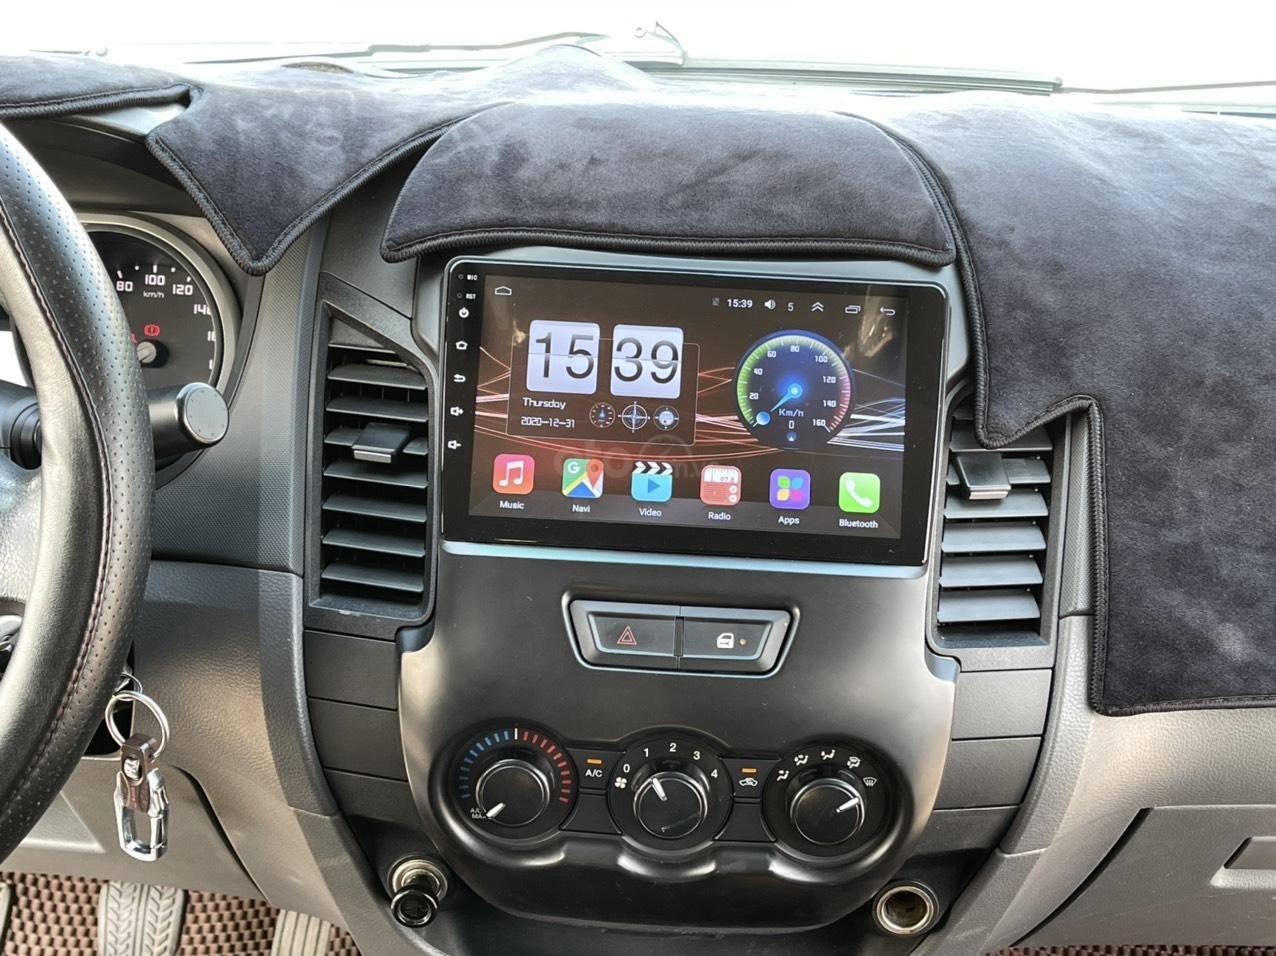 Bán Ford Ranger XLS đời 2014 bản 1 cầu số sàn 2.2, xe nhập khẩu (14)